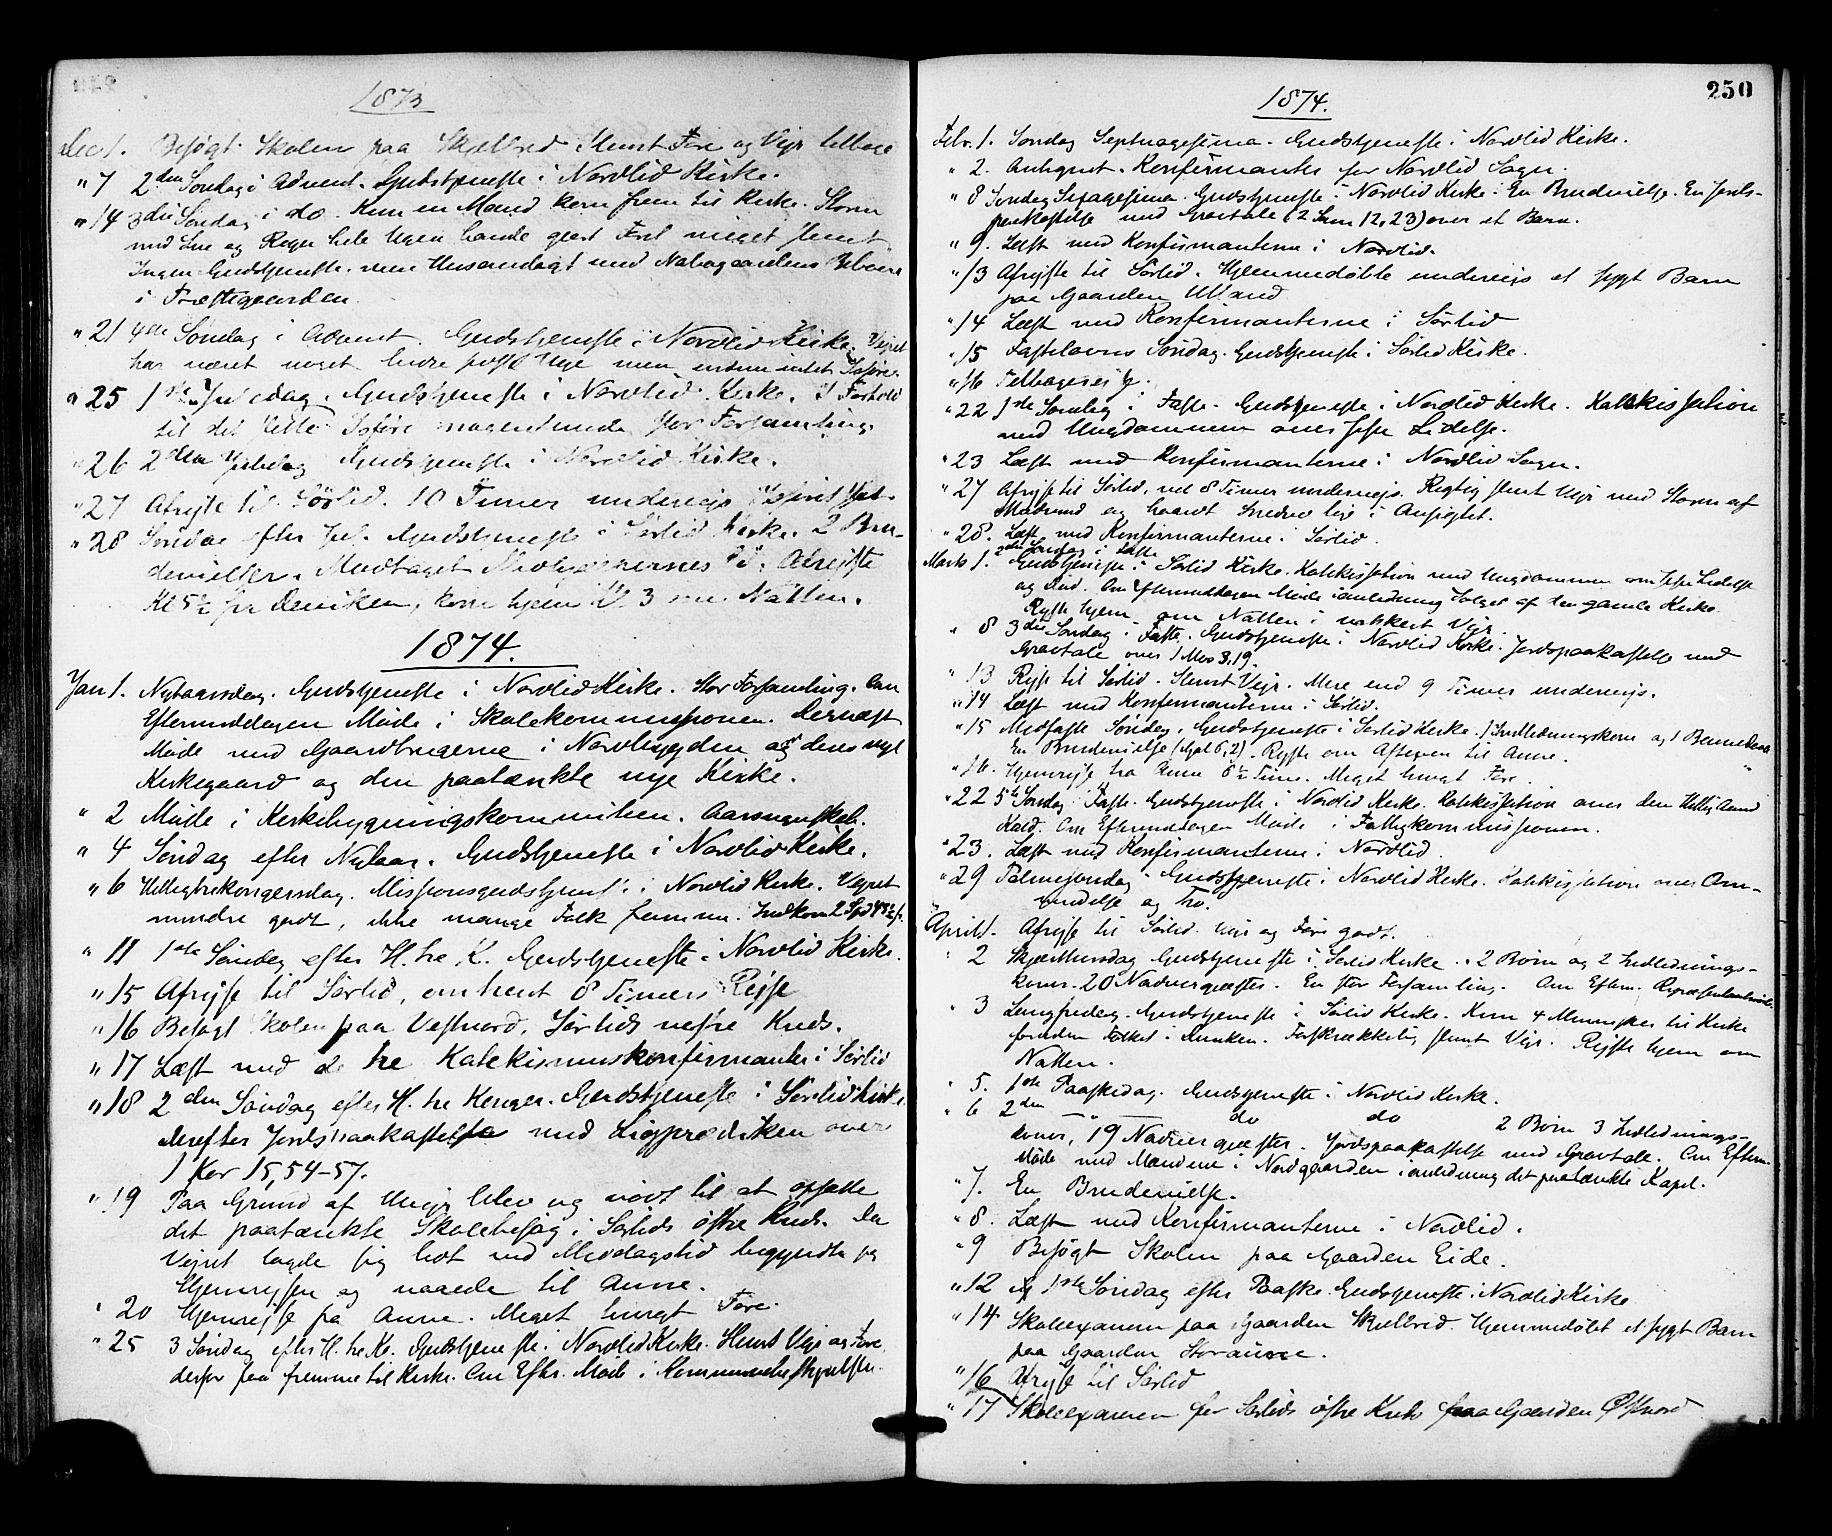 SAT, Ministerialprotokoller, klokkerbøker og fødselsregistre - Nord-Trøndelag, 755/L0493: Ministerialbok nr. 755A02, 1865-1881, s. 250